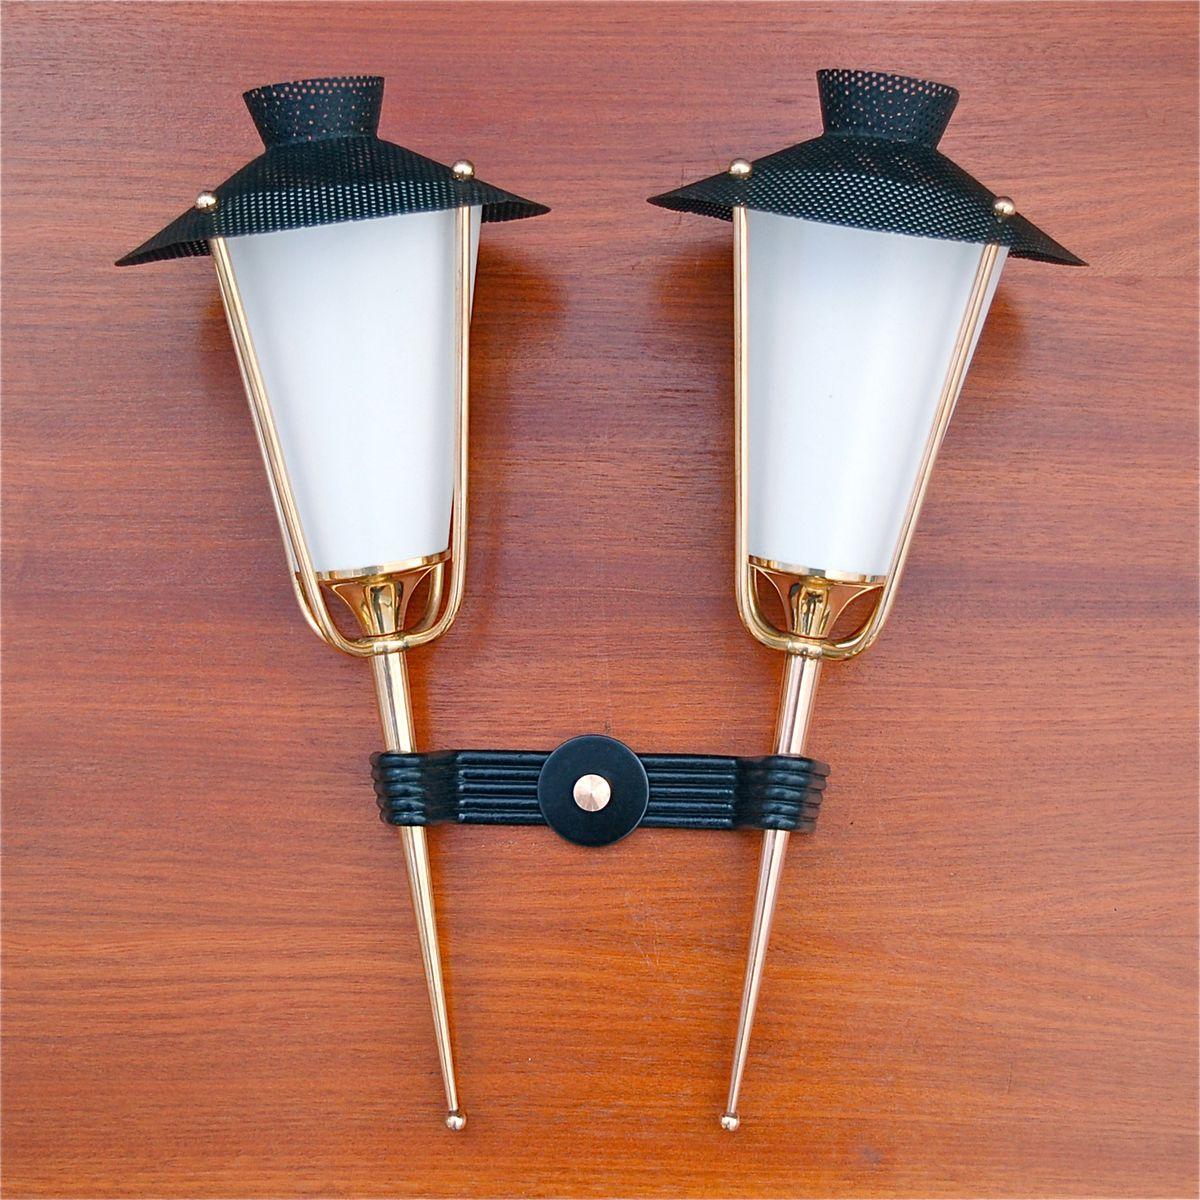 Wandleuchte mit 2 Leuchten von Arlus, 1950er